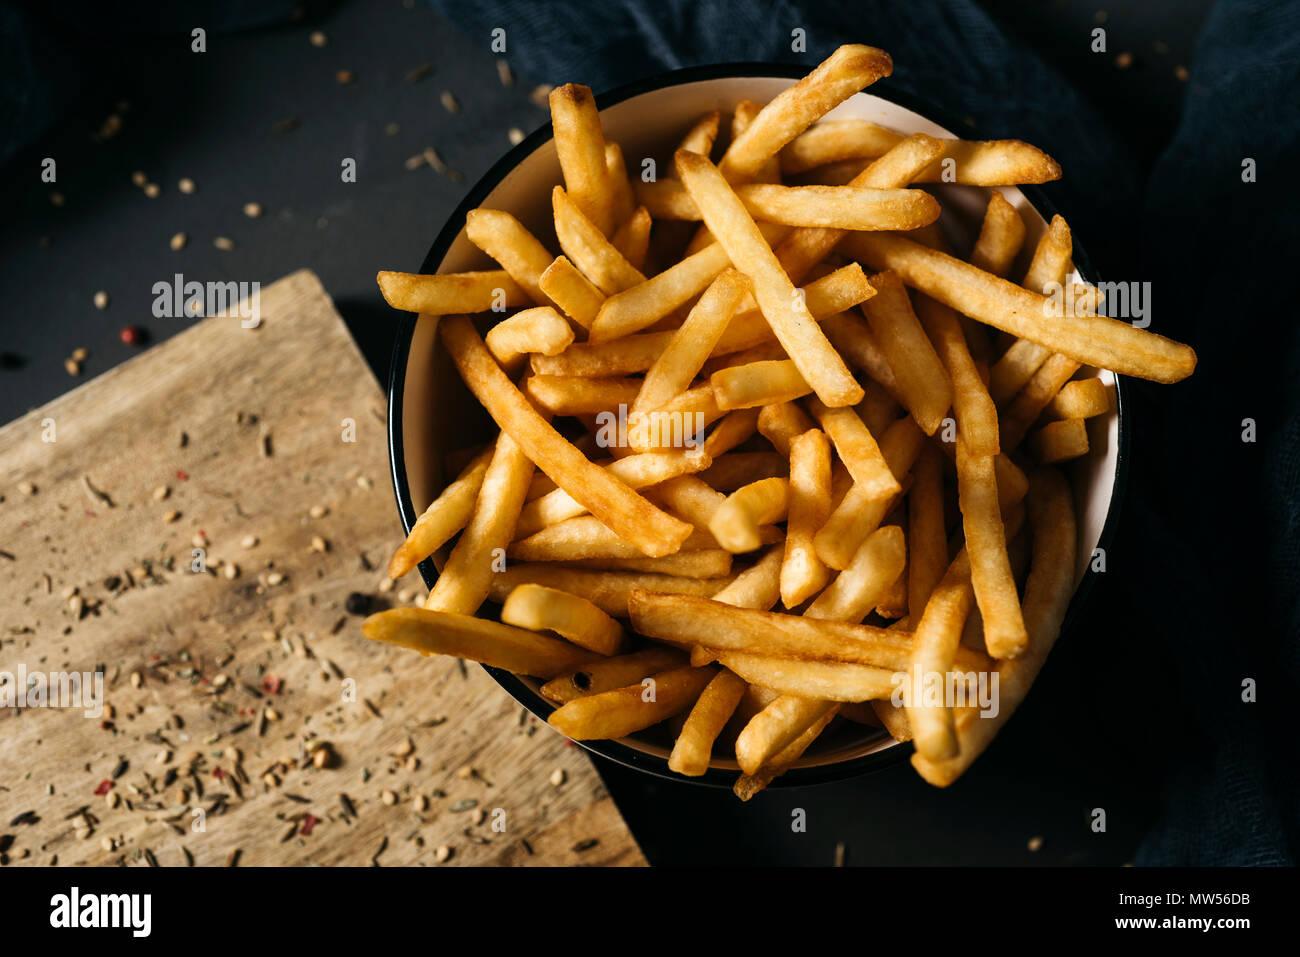 High Angle Shot einige leckere Pommes frites in eine weiße keramische Schüssel serviert, auf einem dunkelgrauen rustikalen Holztisch gelegt Stockbild